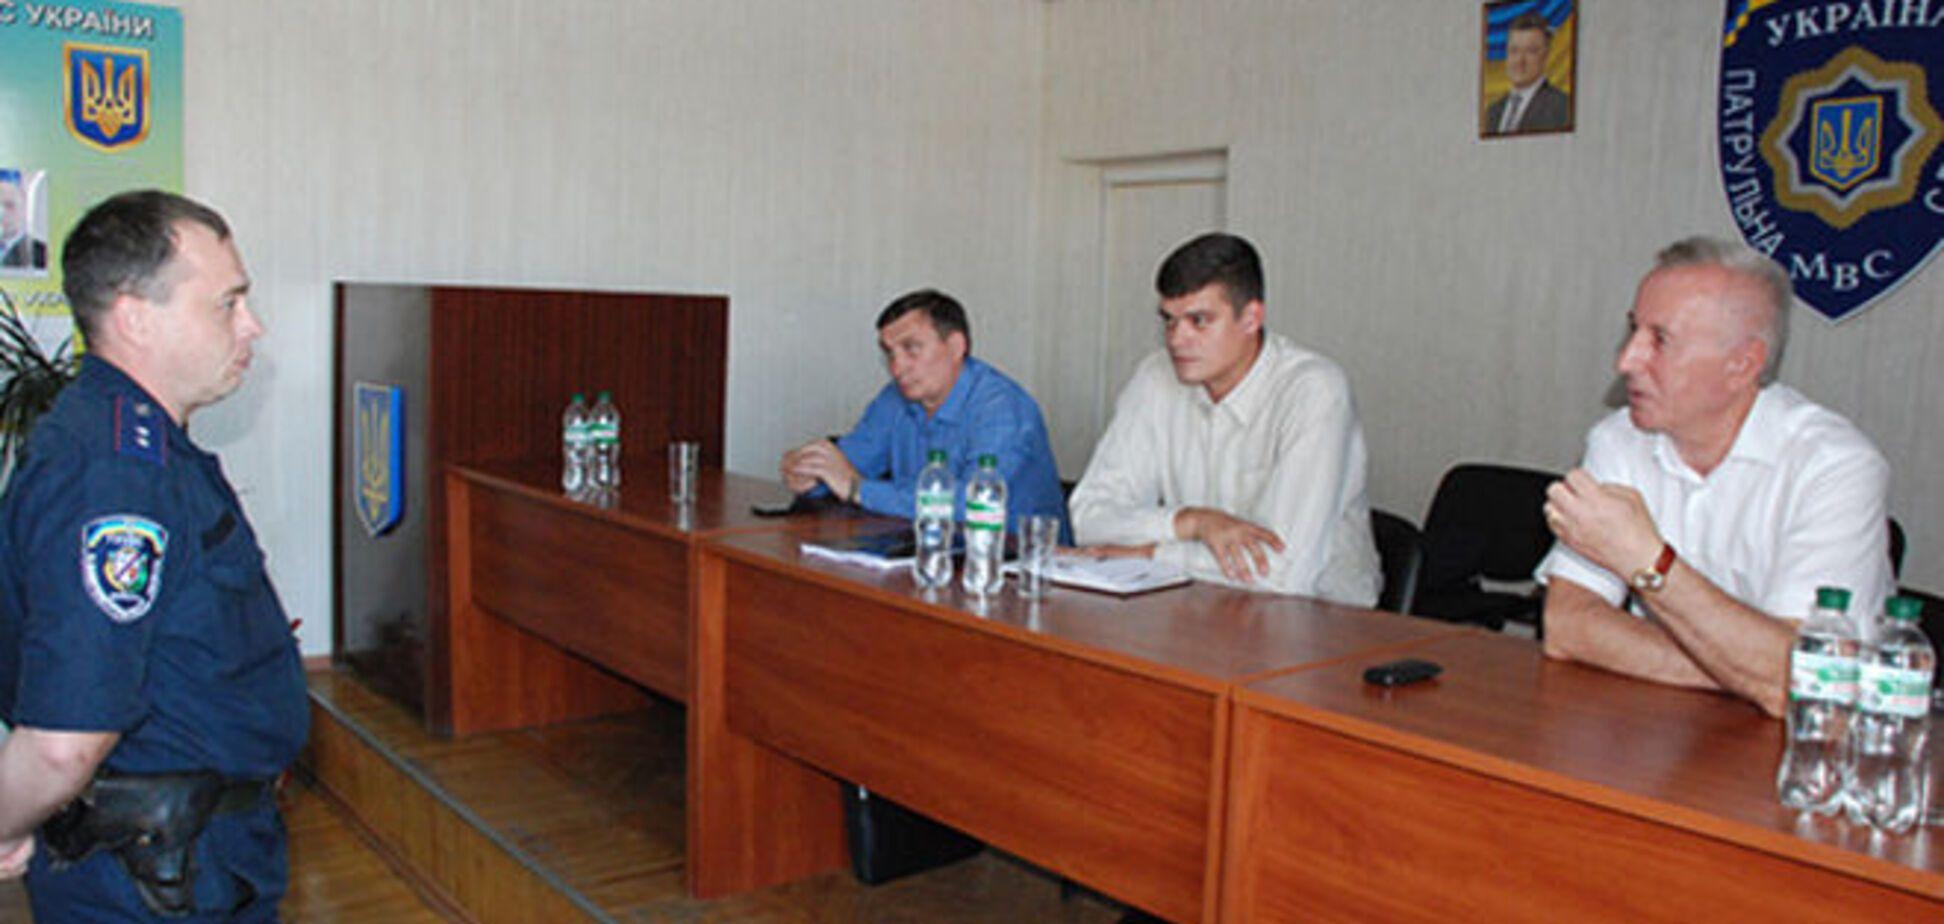 У Дніпропетровську зі 'старих' міліціонерів вирішили зробити нових патрульних: фоторепортаж